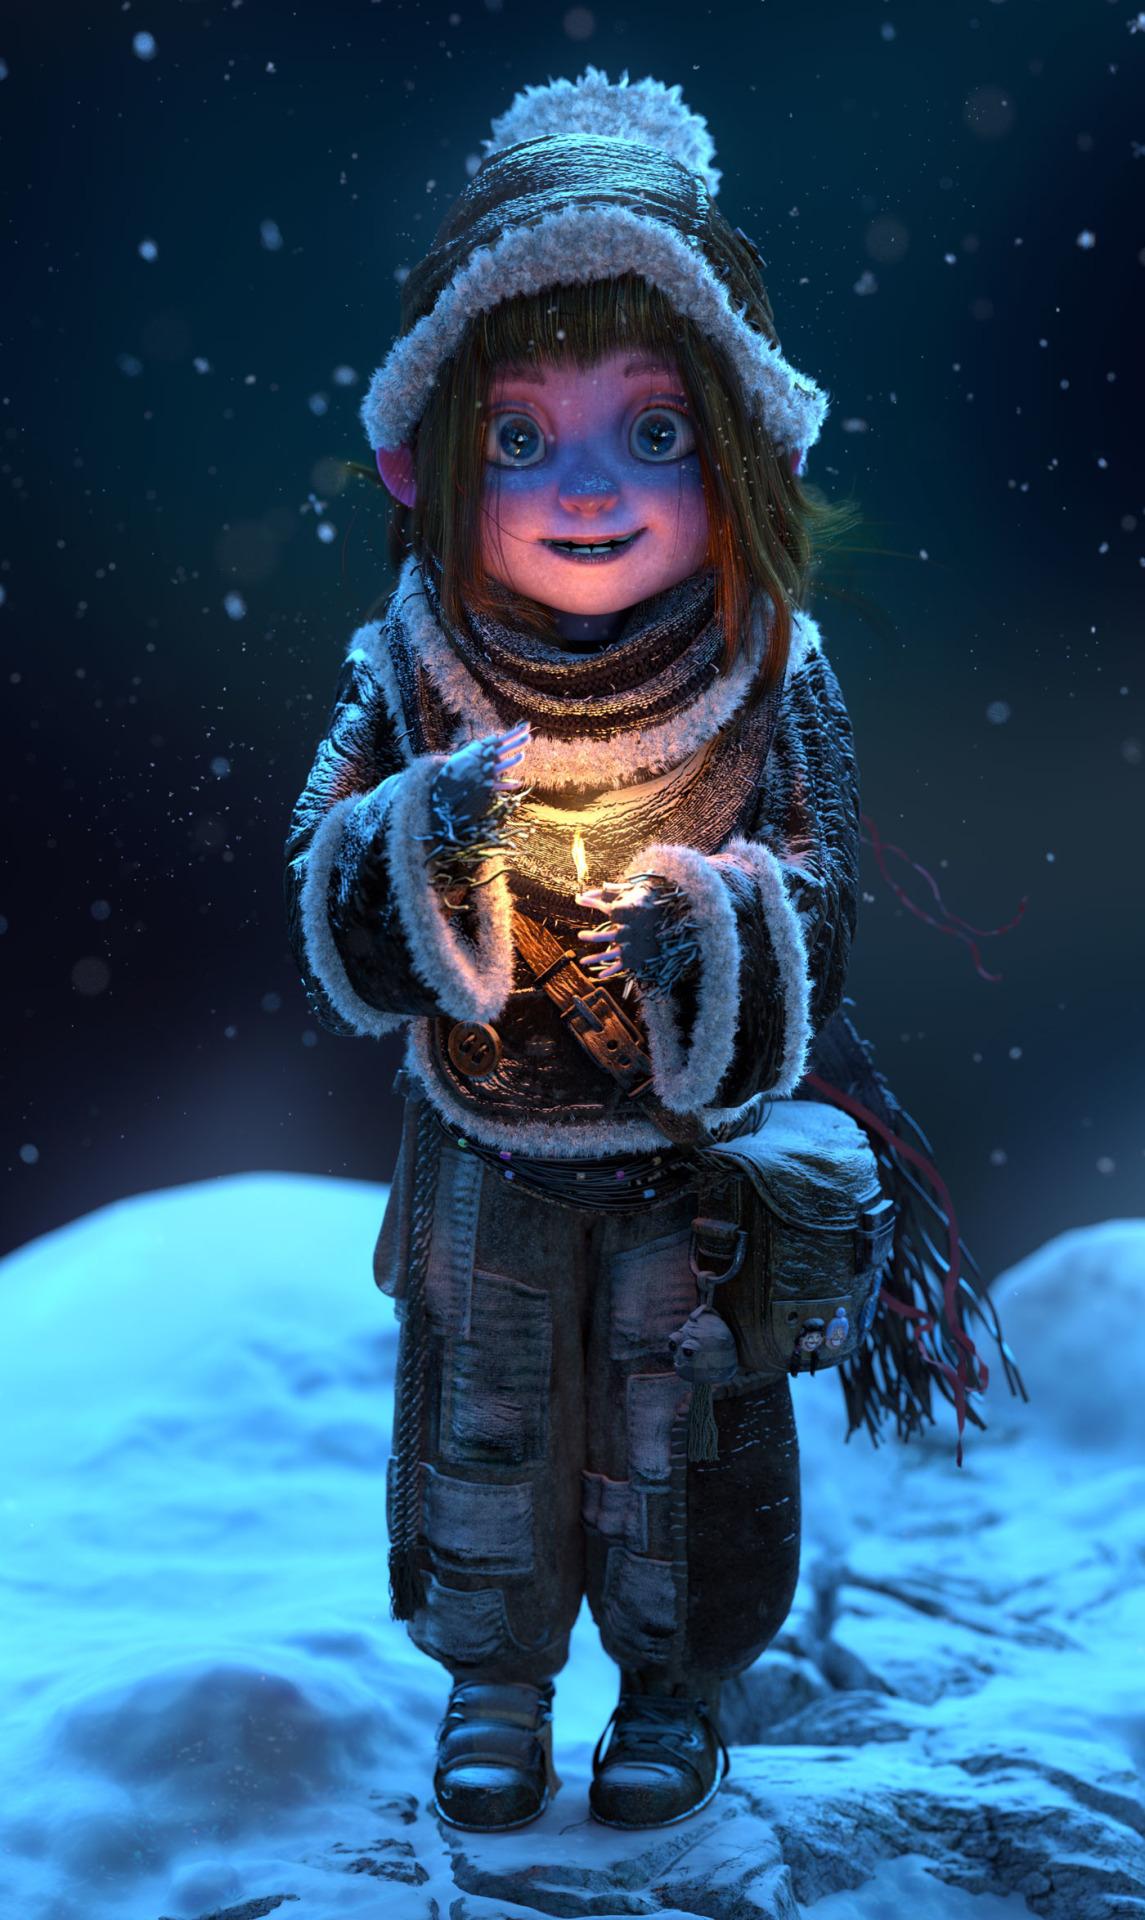 Фото Девочка с огнем в руке стоит на снегу, by Patrick Evrard